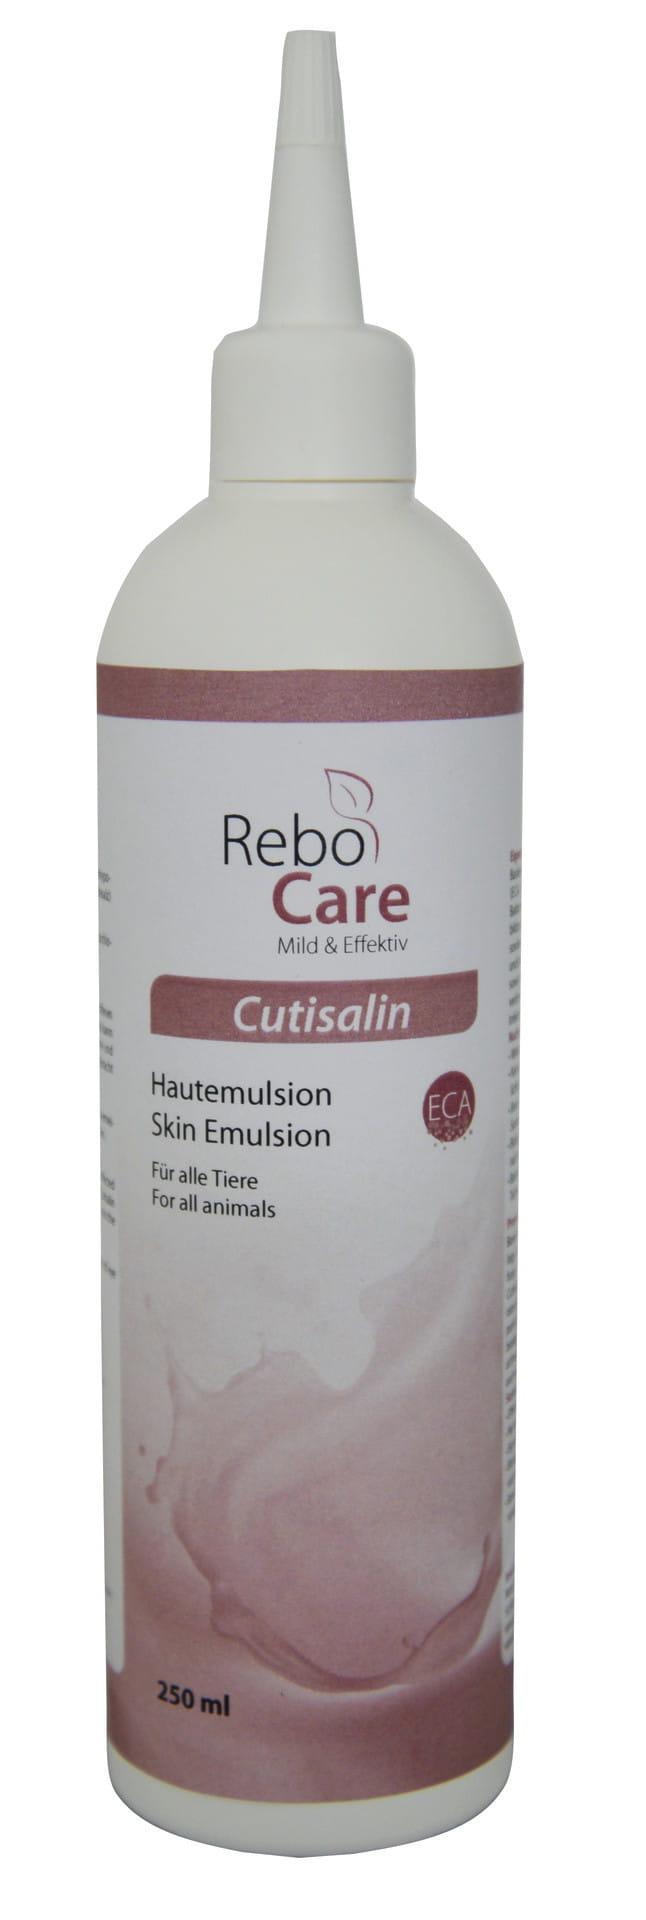 Cutisalin Emulsion